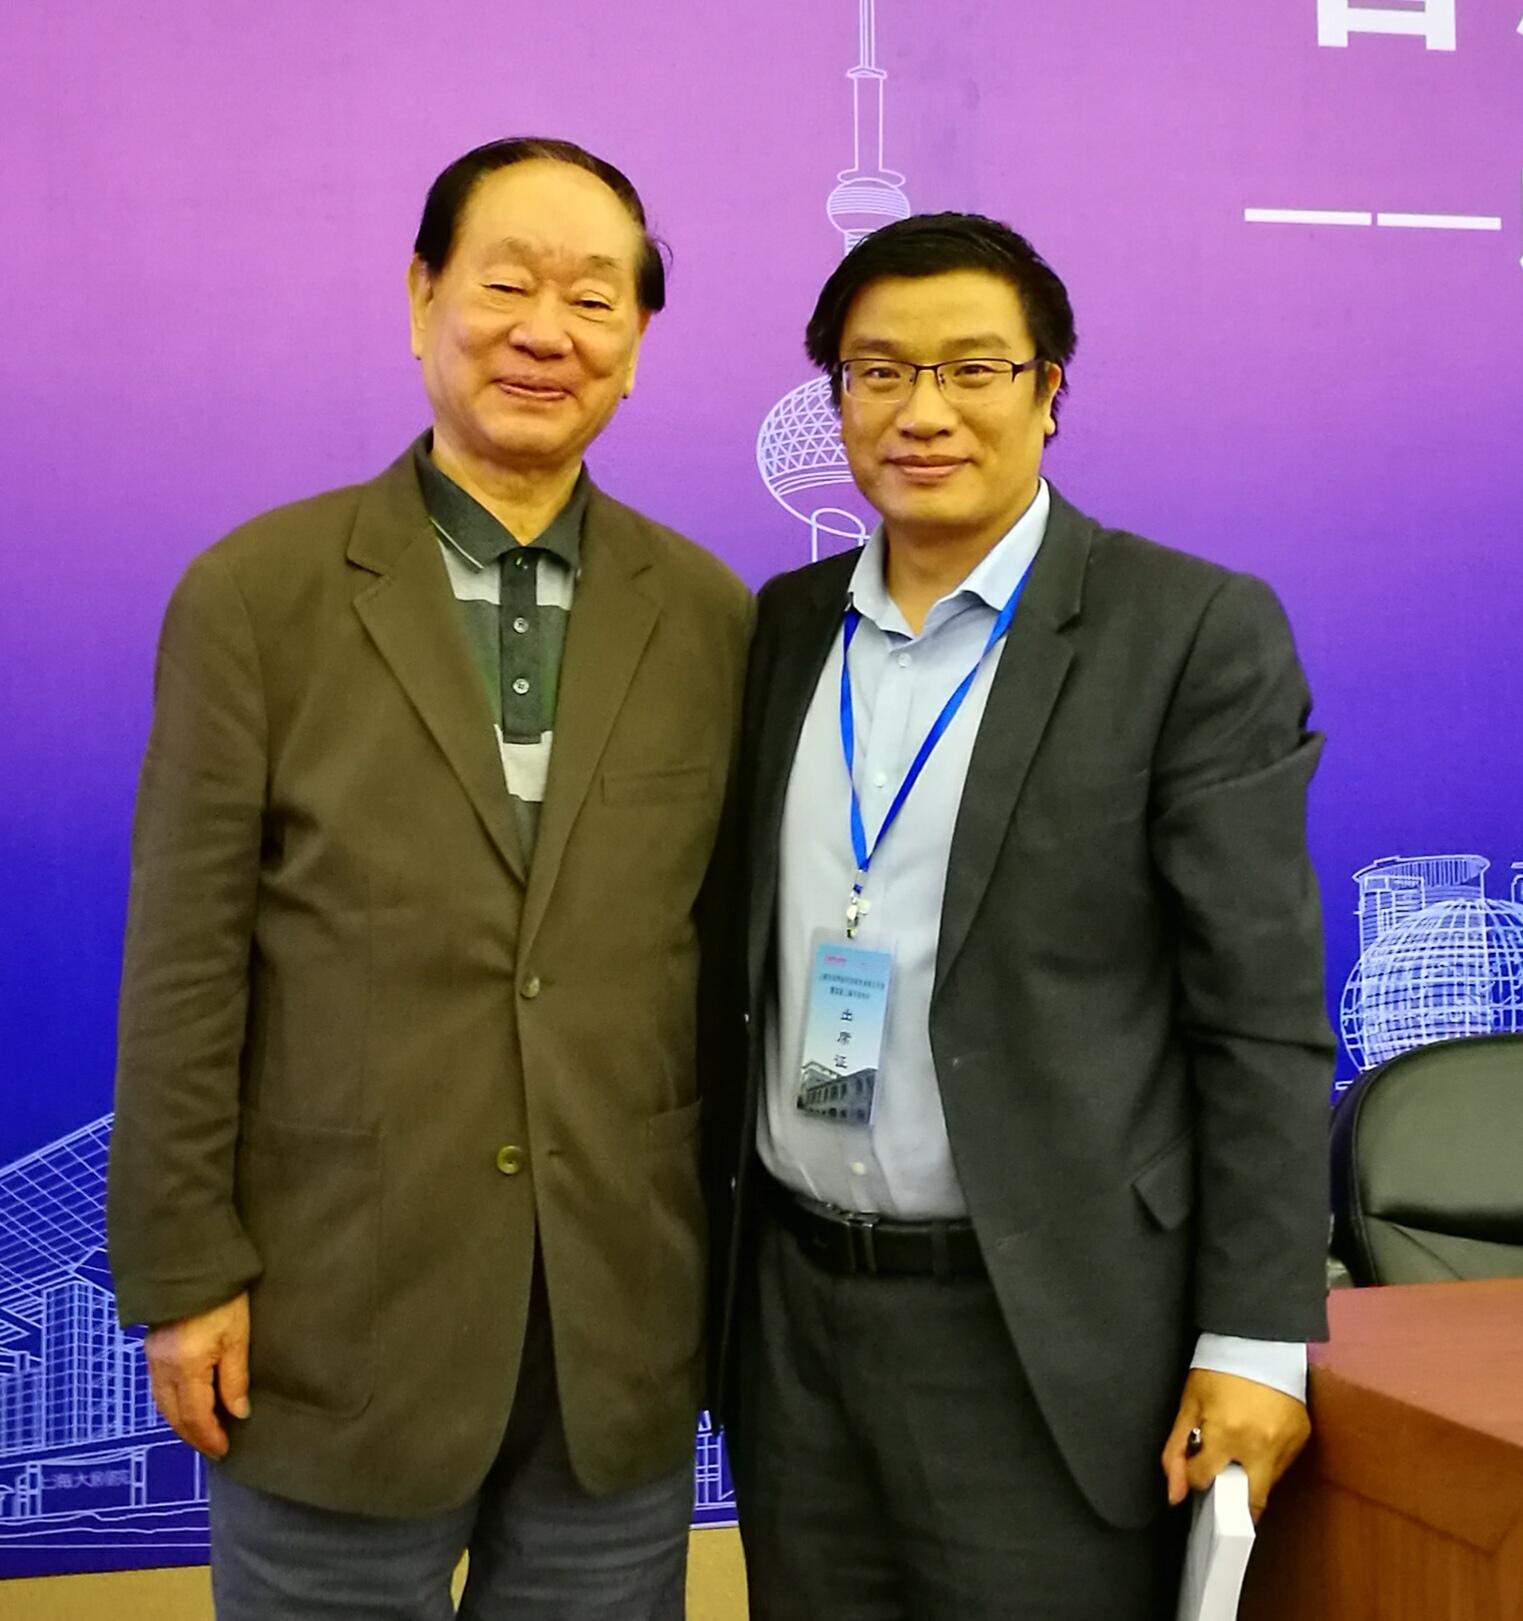 马友泉律师与著名刑诉法专家樊崇义合影